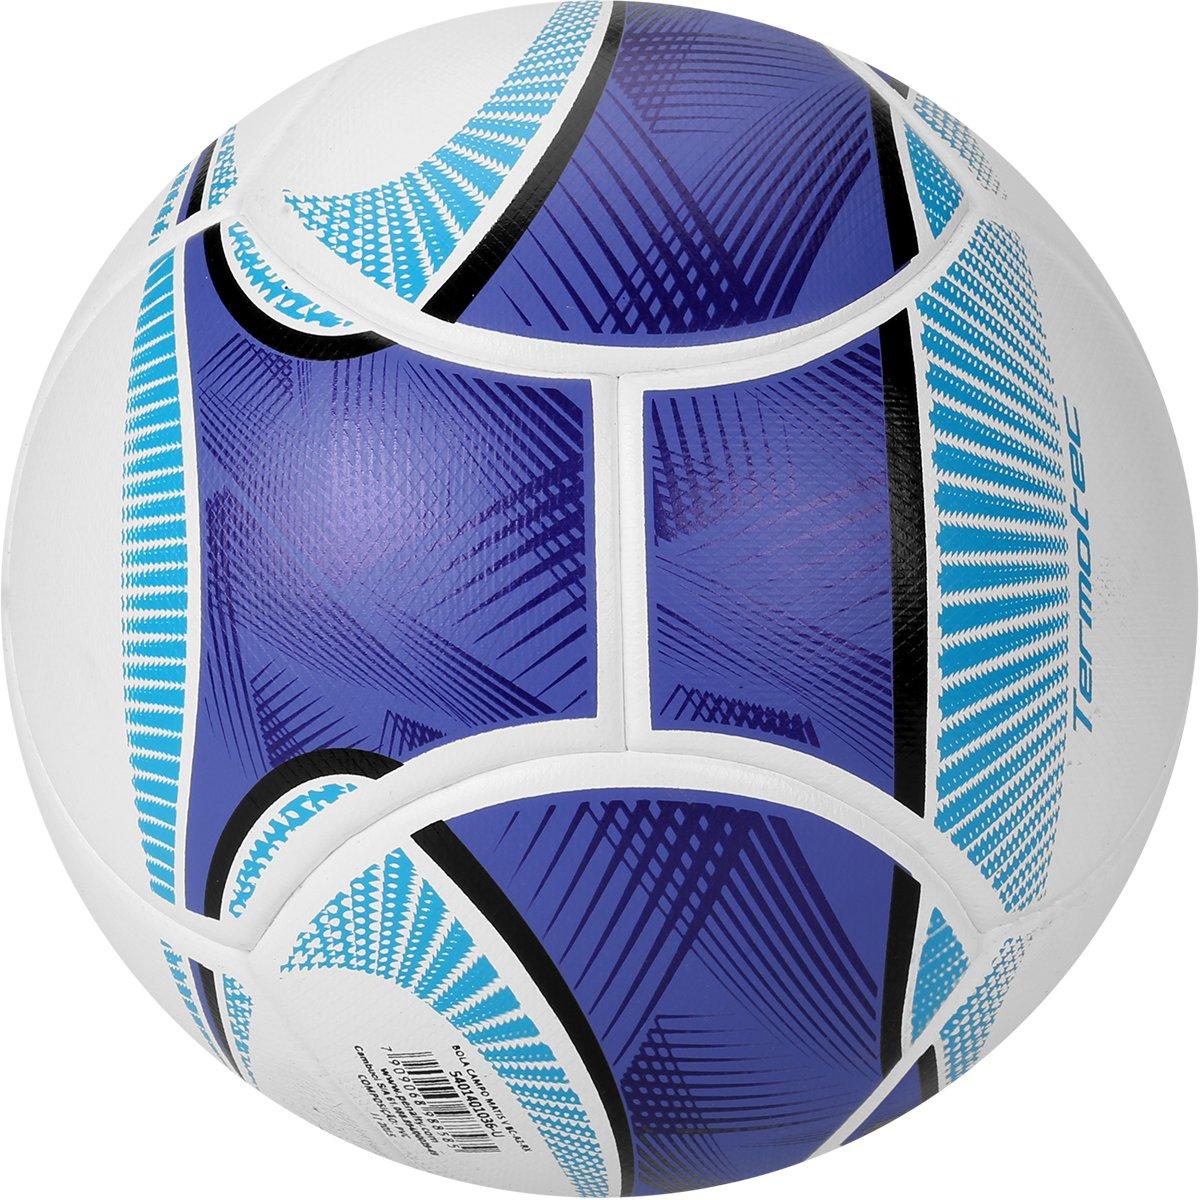 Bola Penalty Matis Termotec 5 Campo - Compre Agora  0974d50f45195